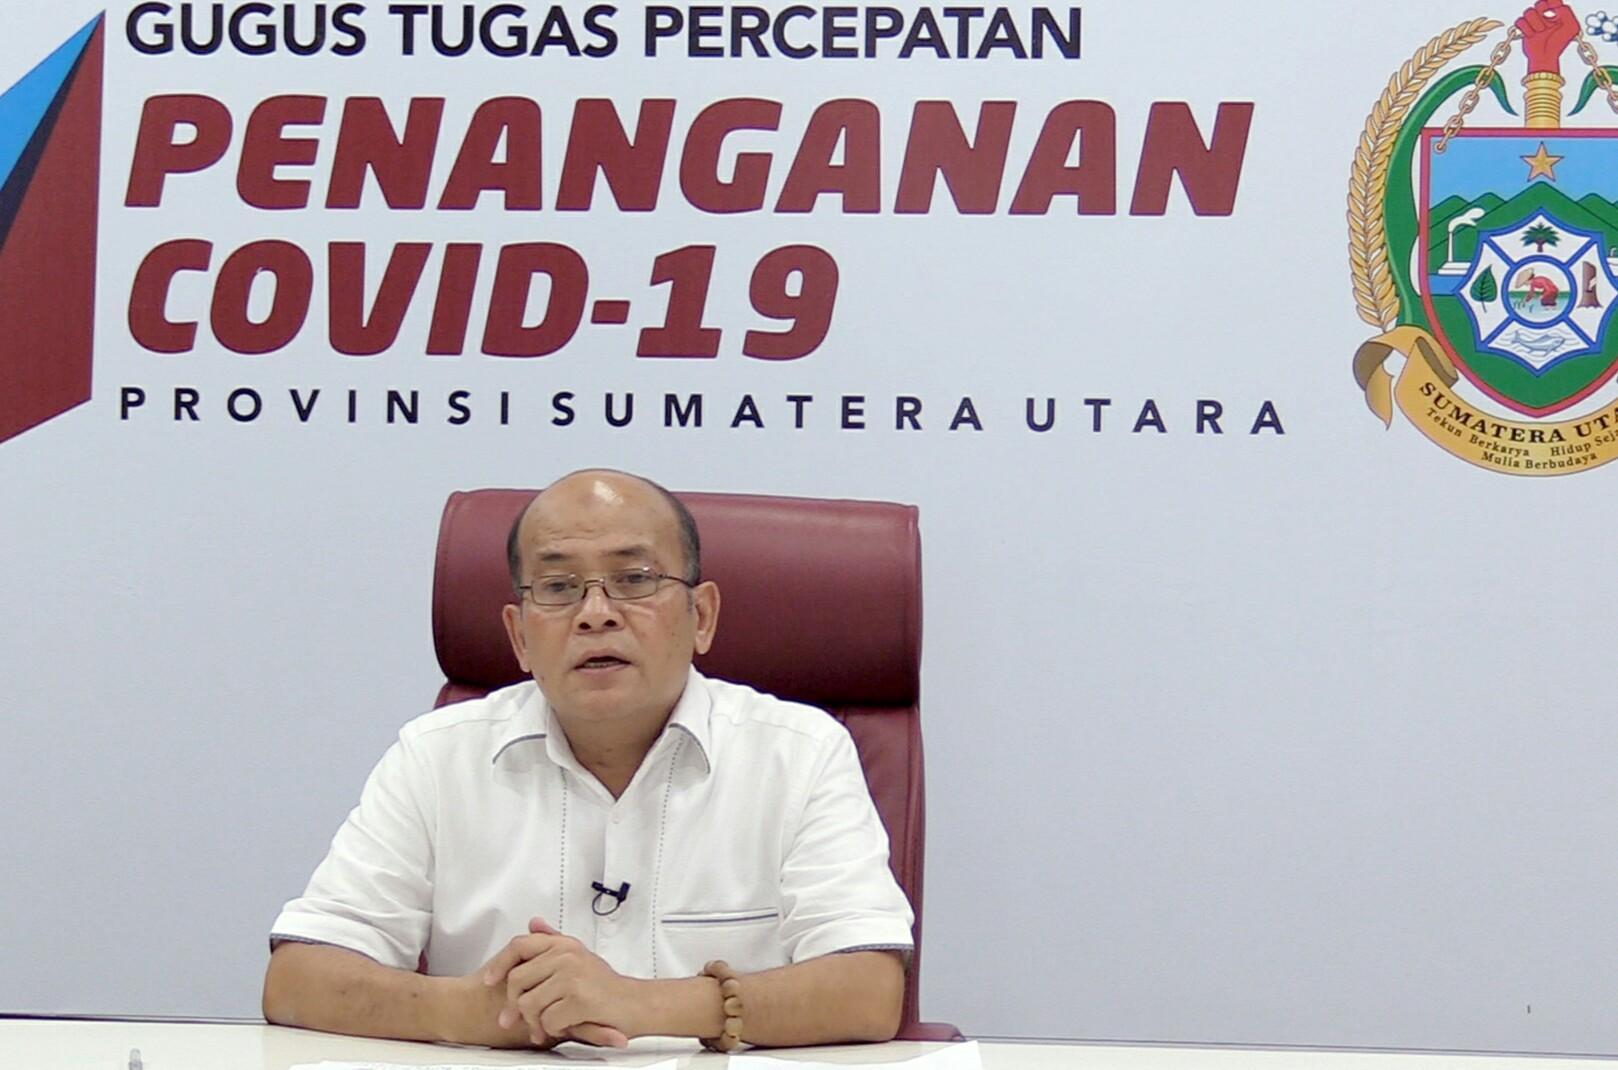 Kepala Badan Penanggulangan Bencana Daerah (BPBD) Provinsi Sumatera Utara (Sumut) Riadil Akhir Lubis. Foto: Humas Sumut/dokumen